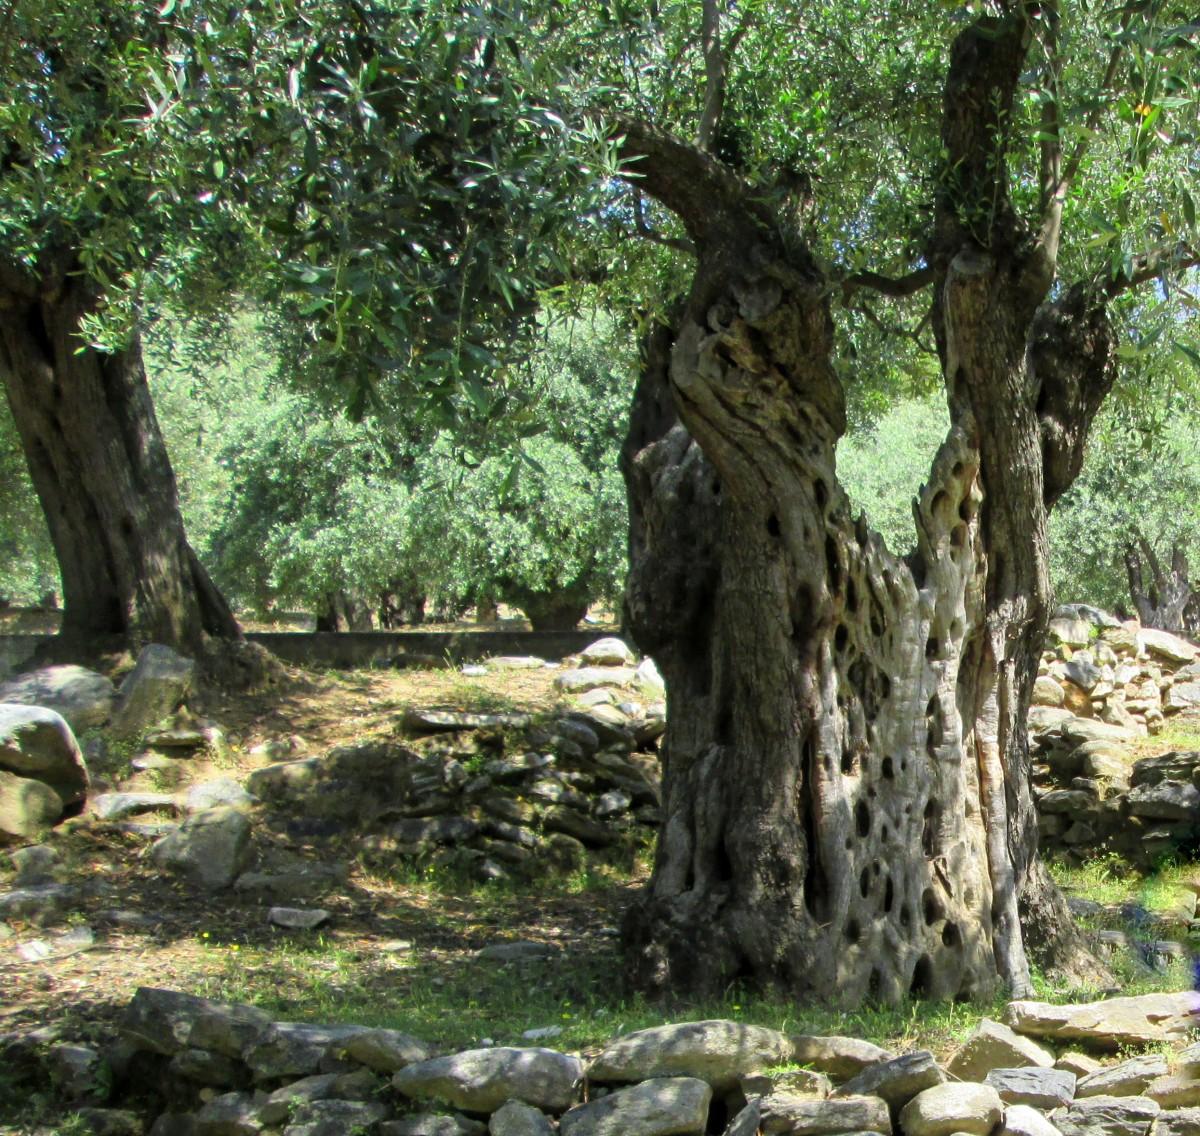 Zdjęcia: okolice Maries, Thassos, Stary oliwny gaj, GRECJA